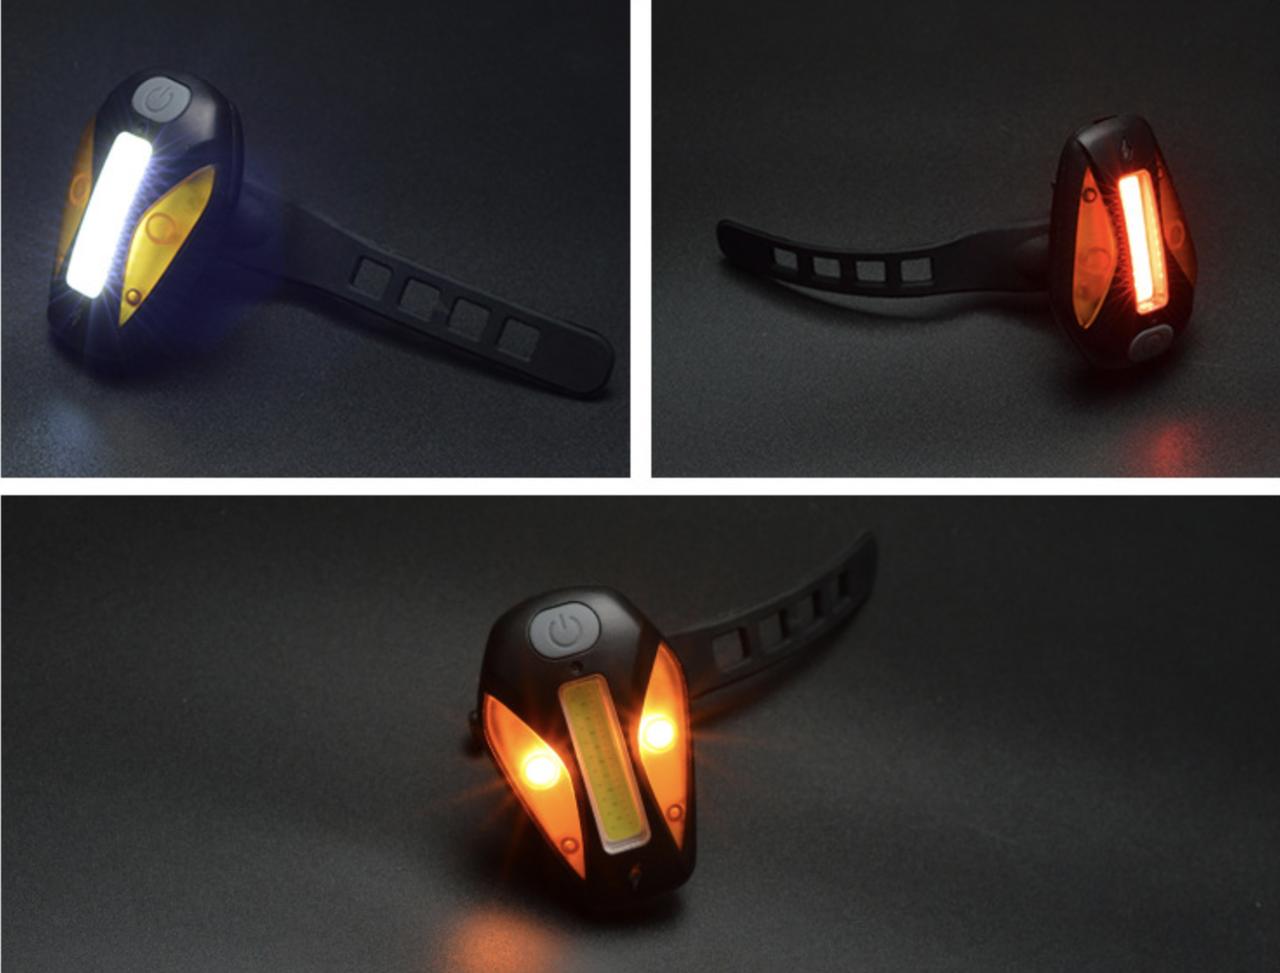 Фонарь габаритный BC-TL5444 белый+красный+желтый свет 20 светодиодов, USB Pl (черный корпус)